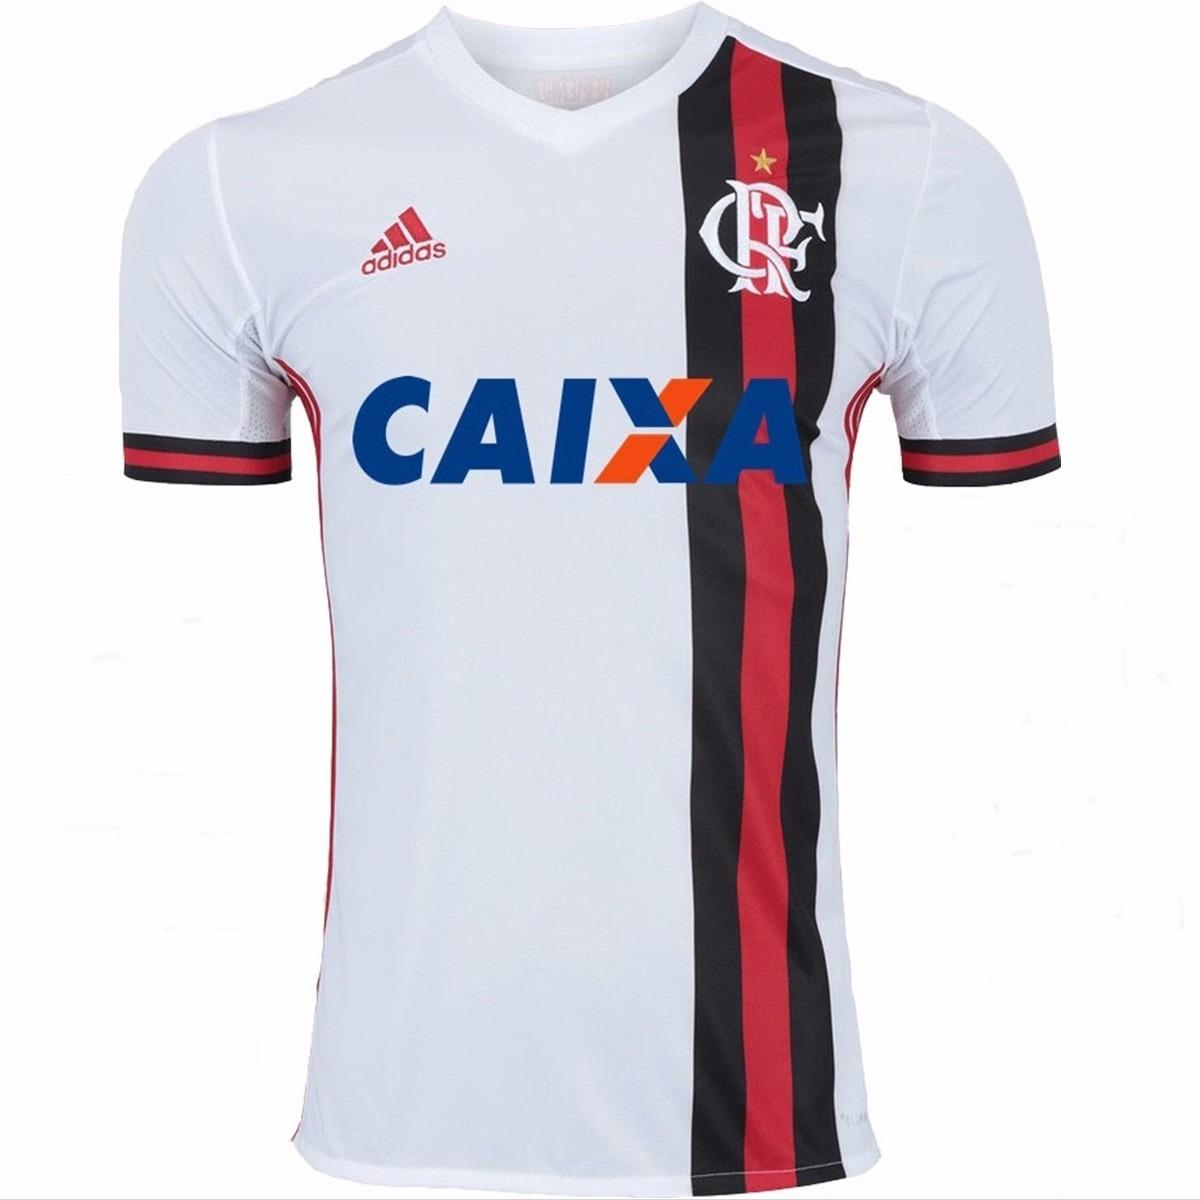 camisa do flamengo 2018 uniforme 1 e 2 promoção 40% off. Carregando zoom. 4065bc48b4d97